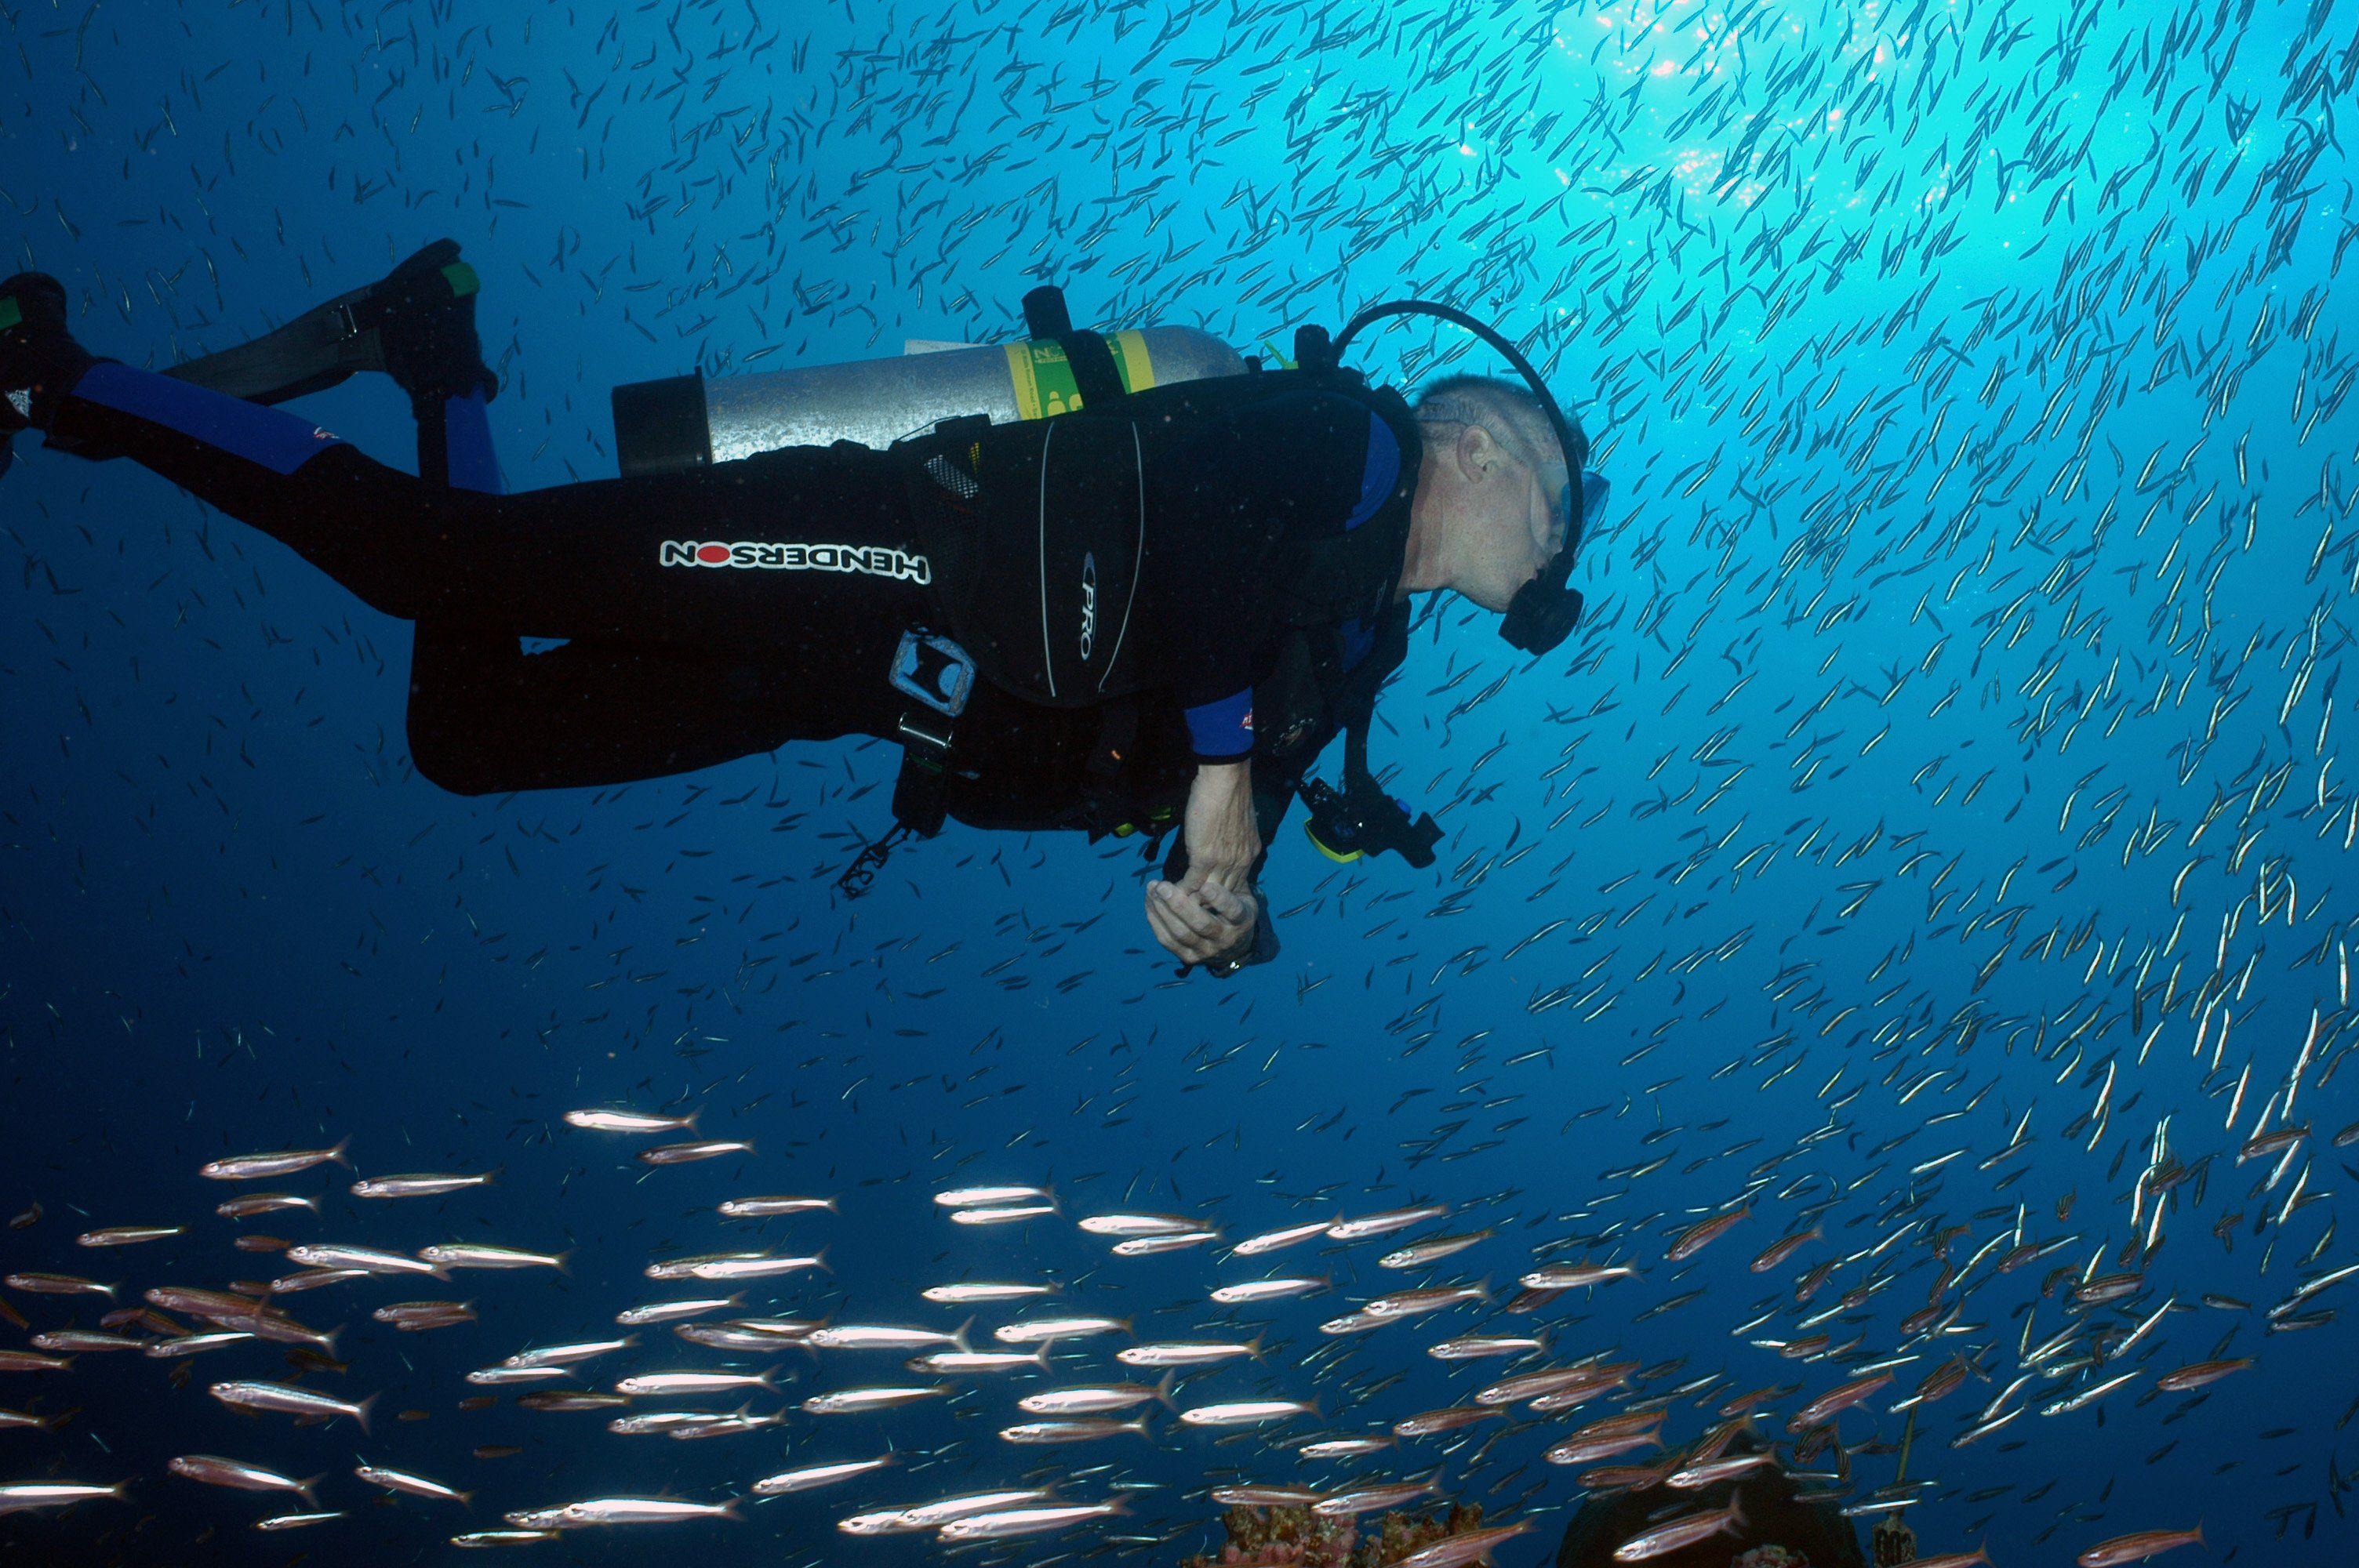 Scuba diver amid school of fish